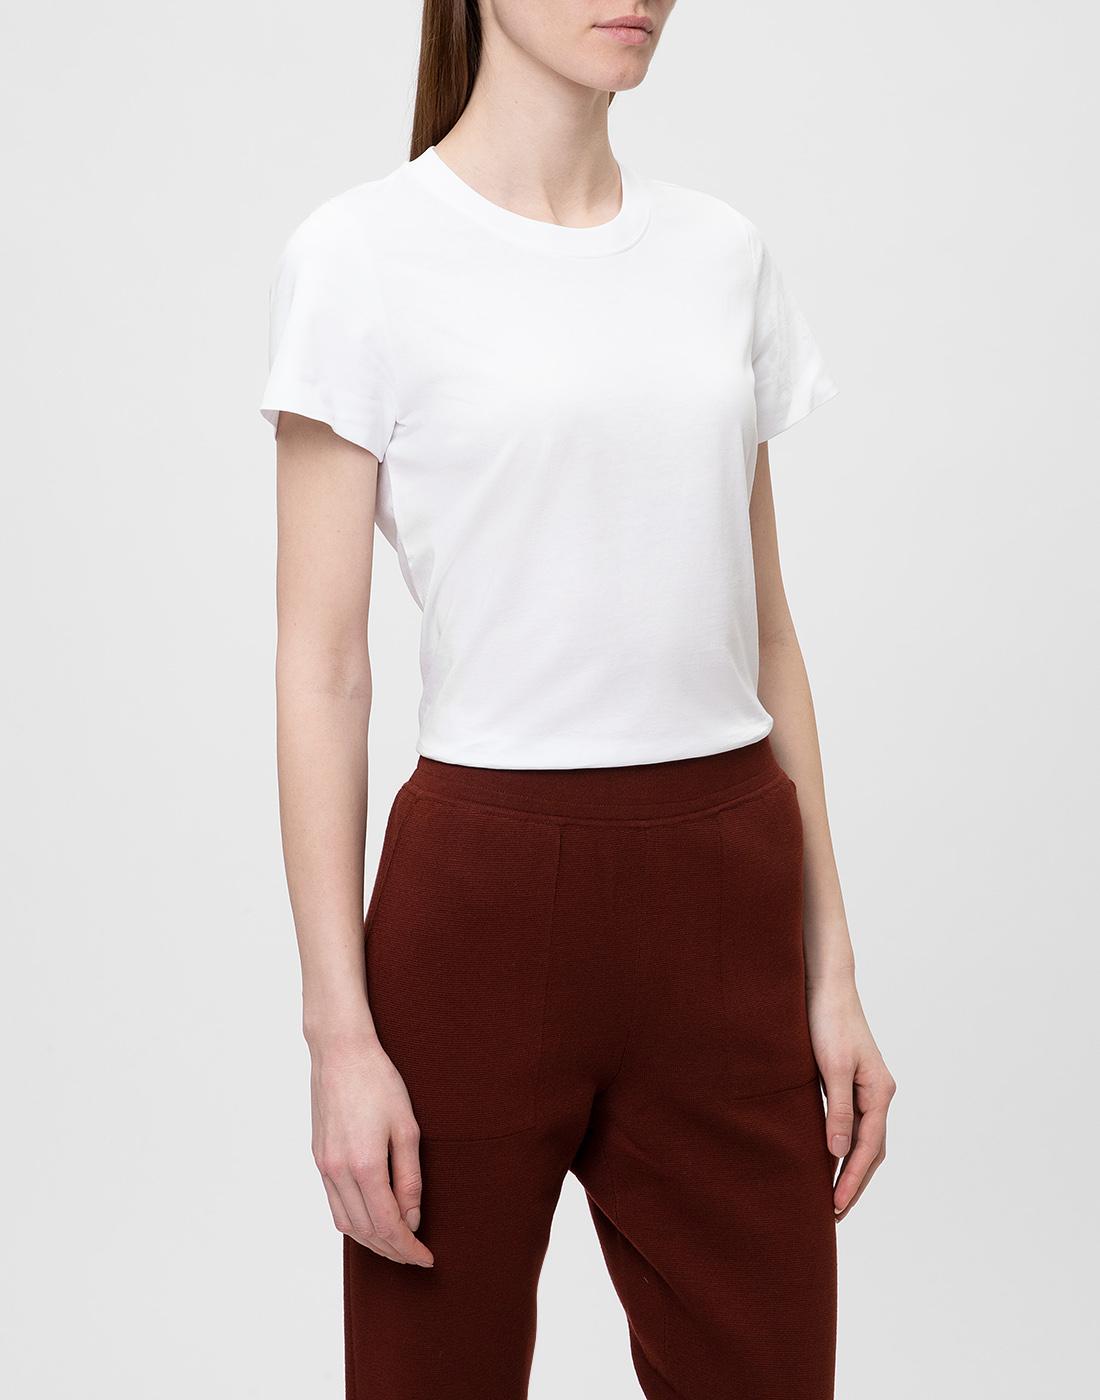 Женская белая футболка Dorothee Schumacher S623001/100-3